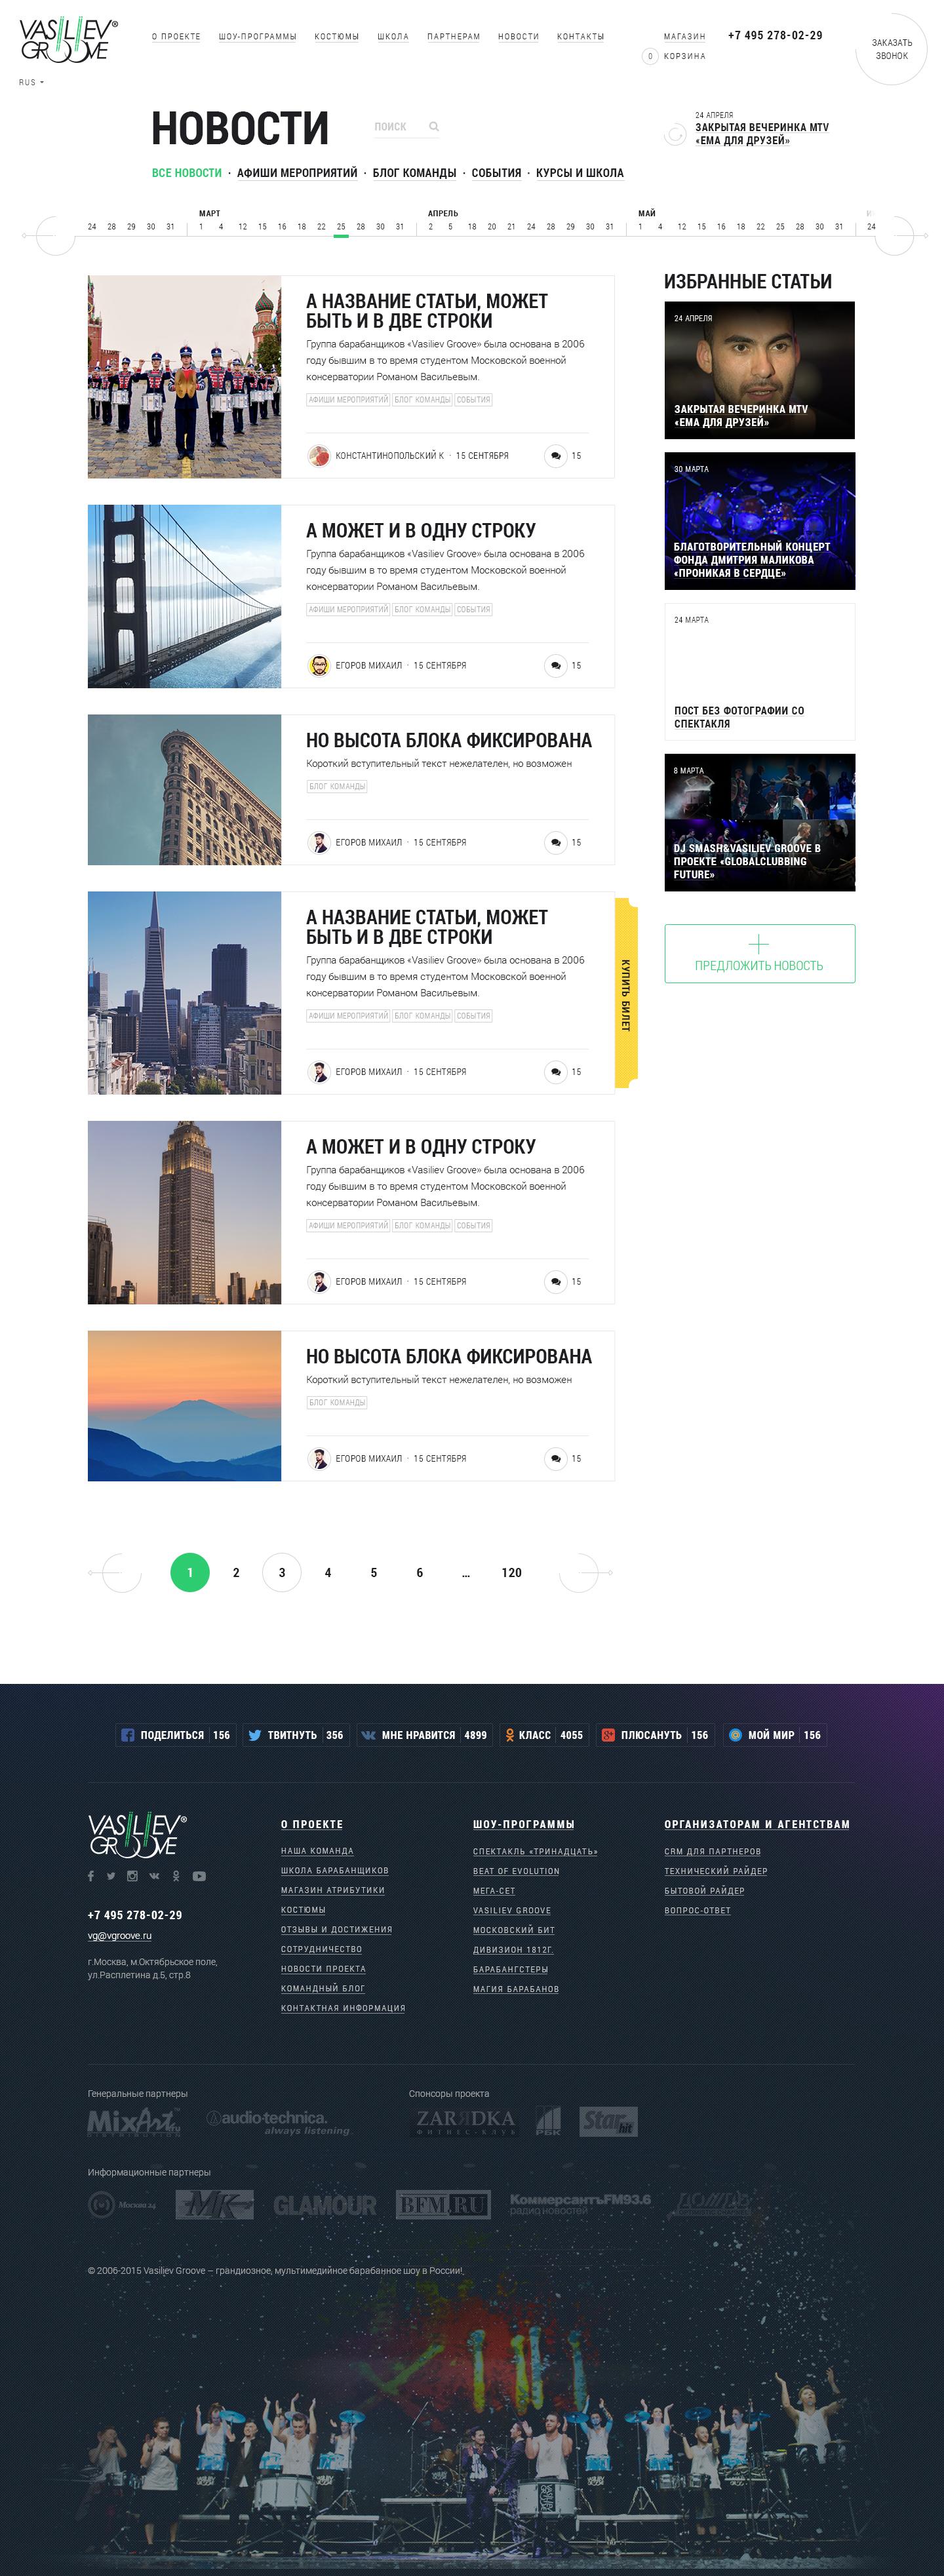 vgroove_list_of_news